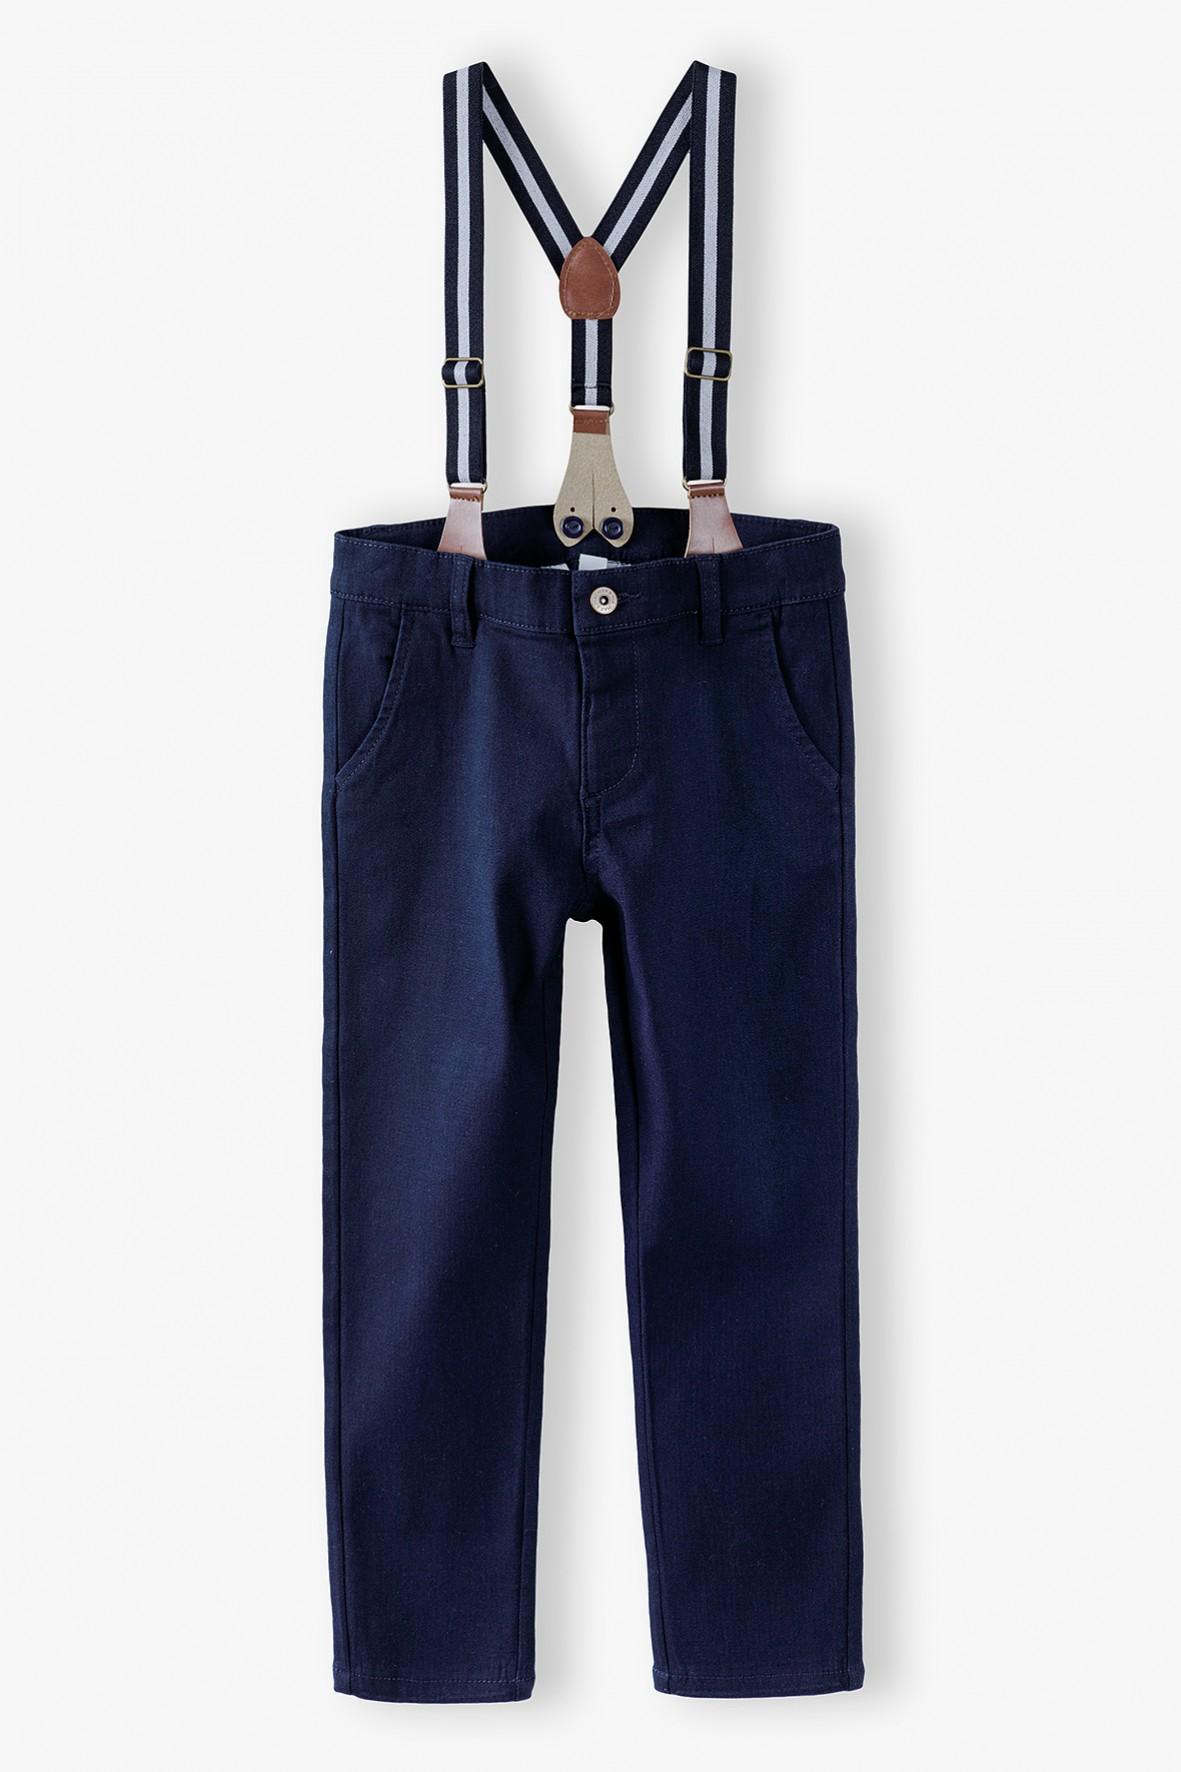 Spodnie chłopięce granatowe z szelkami i regulacją w pasie